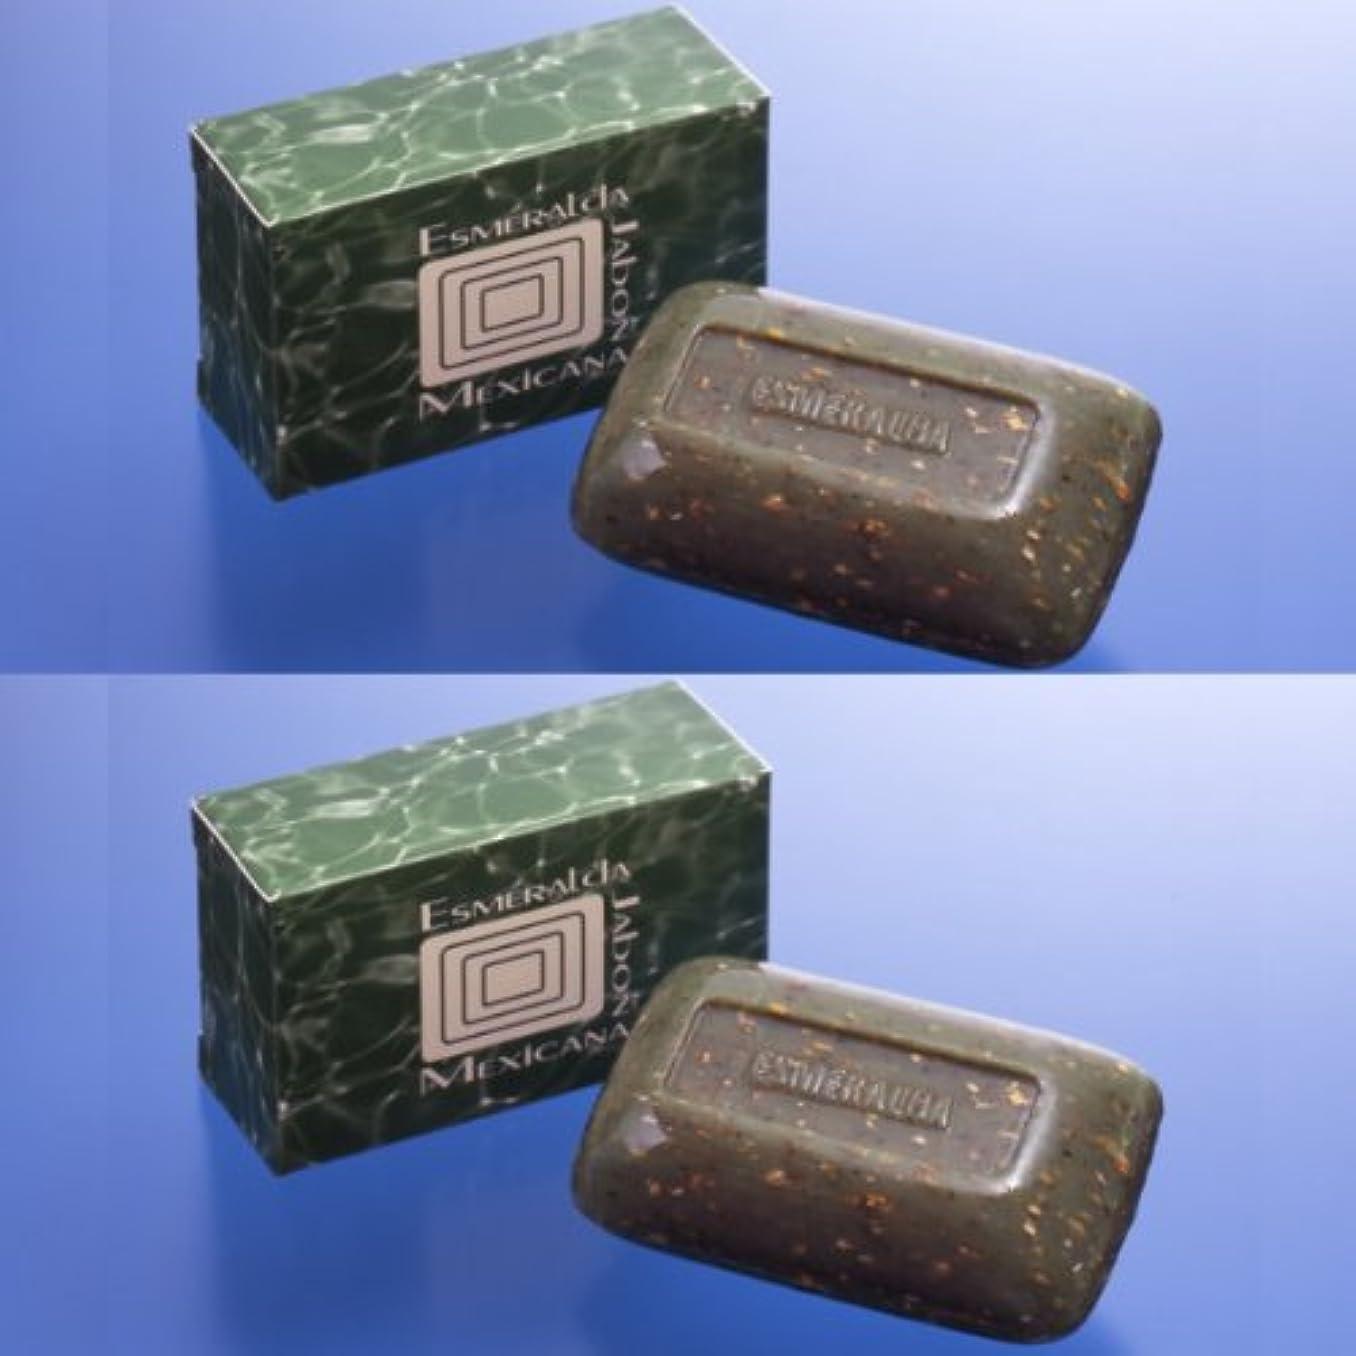 パン密熱心なメキシコで大人気のシミ取り石鹸『エスメラルダ?ハボン?メキシカーナ2個組』